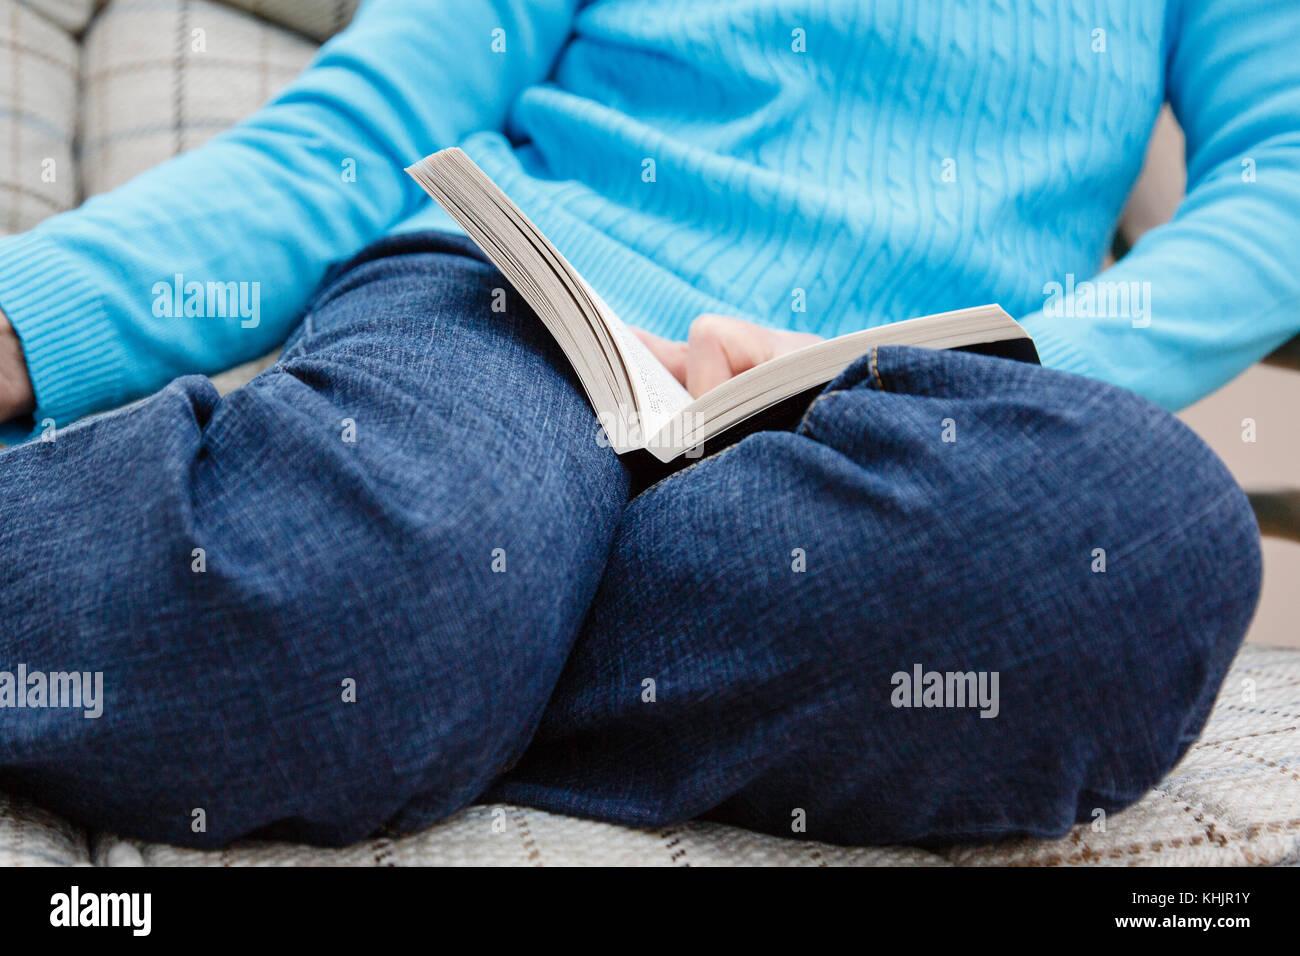 Un anziano pensionato della donna che indossa blu jeans denim si siede su una sedia con la lettura di un libro appoggiato Immagini Stock